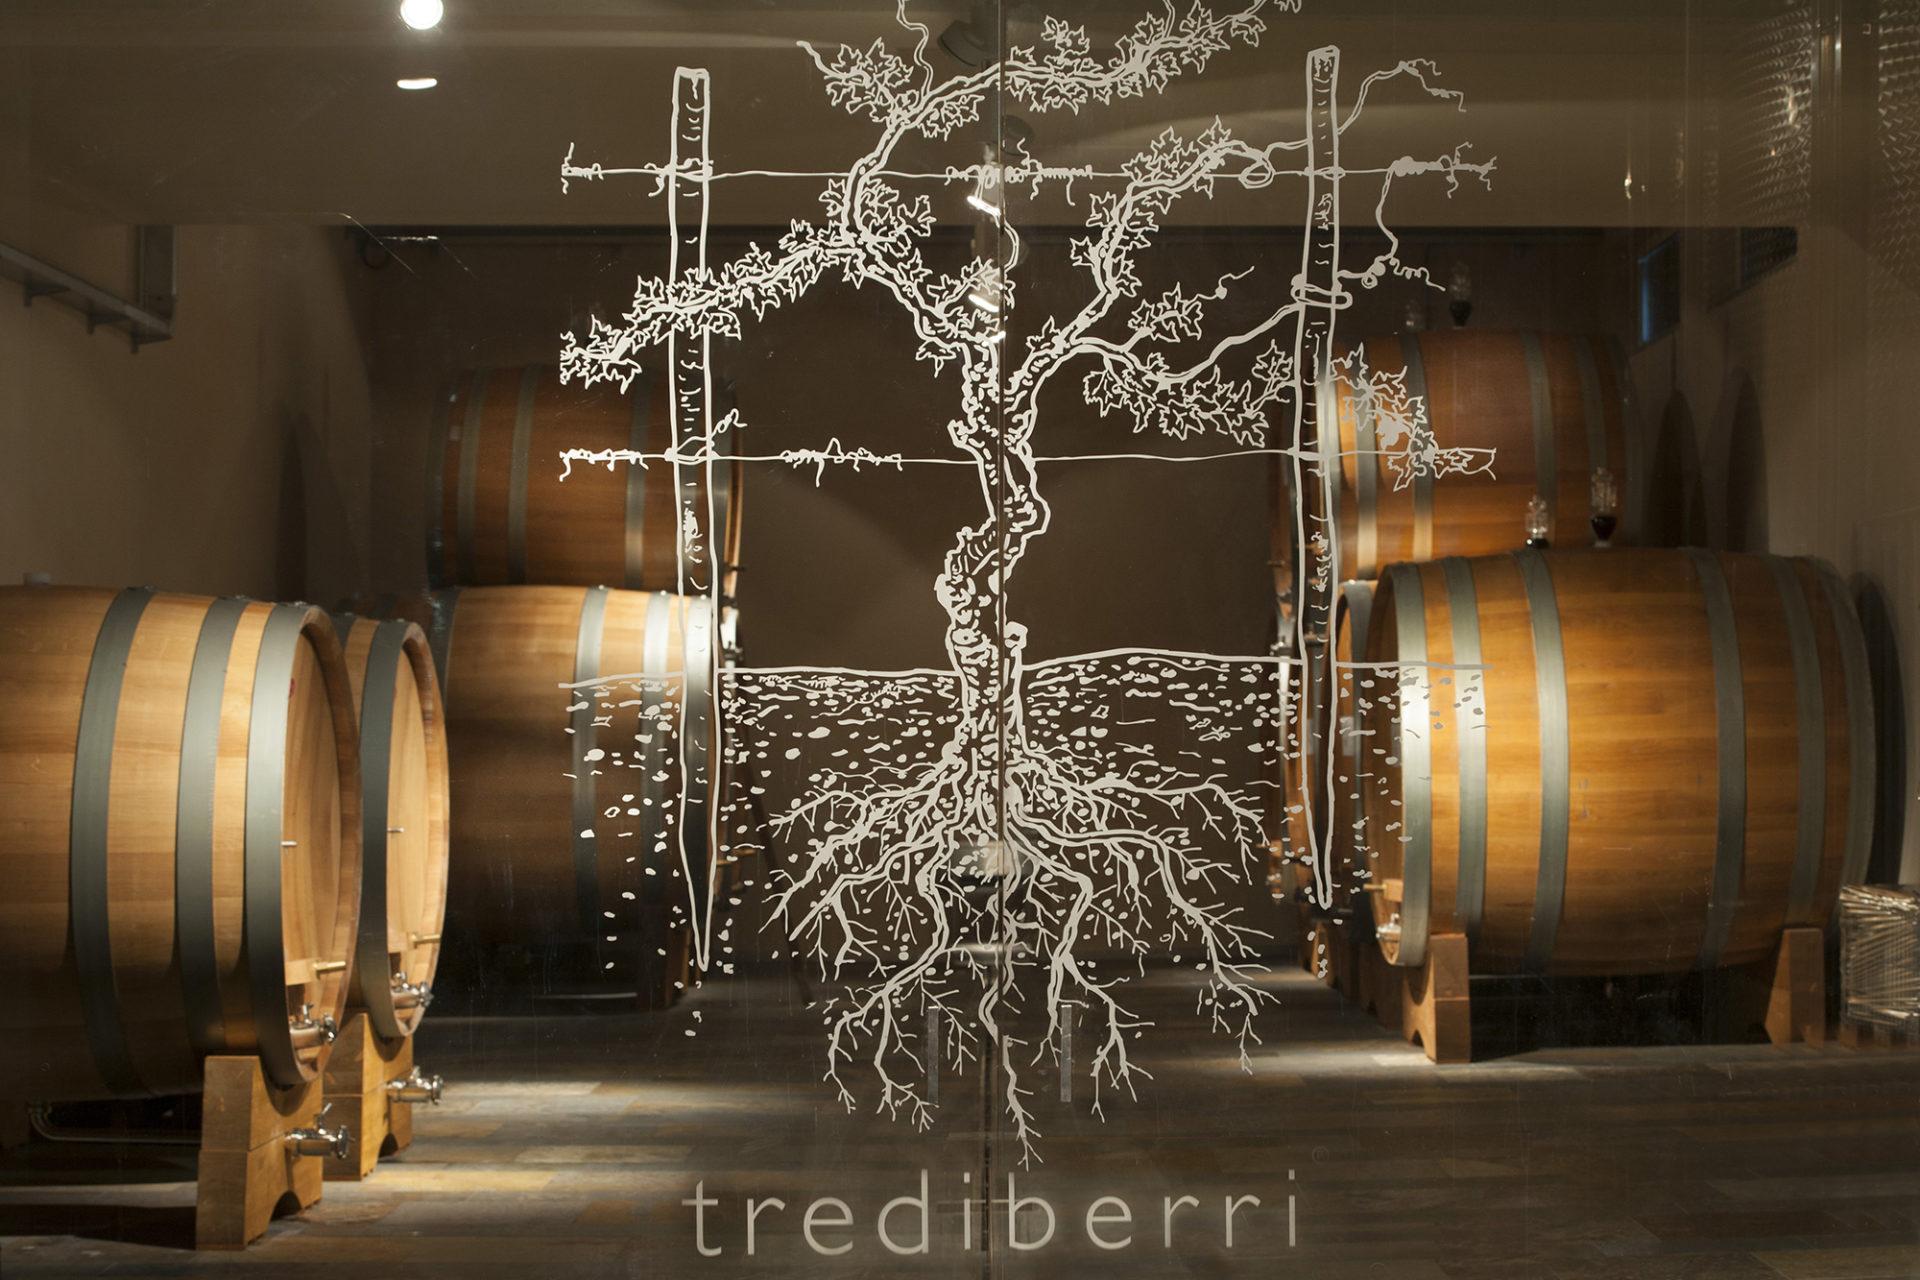 Trediberri (Source : Pasania Osaka)